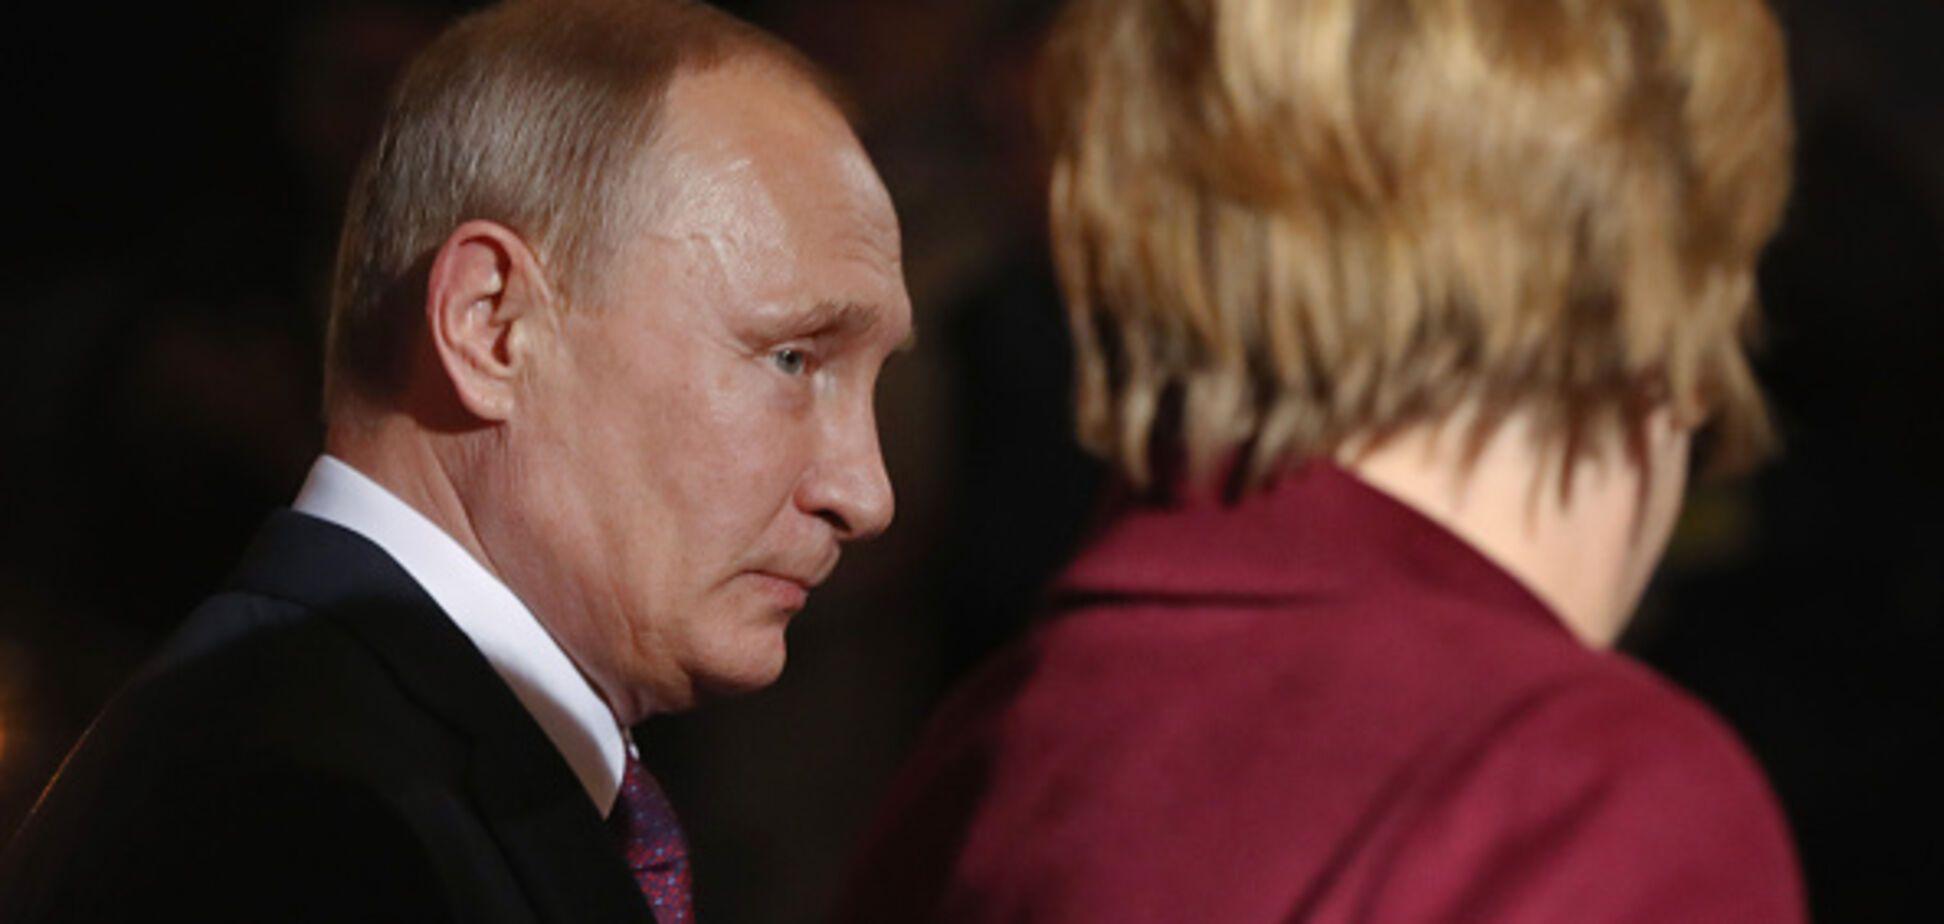 Десятки миллиардов в год: названы космические суммы богатств Путина